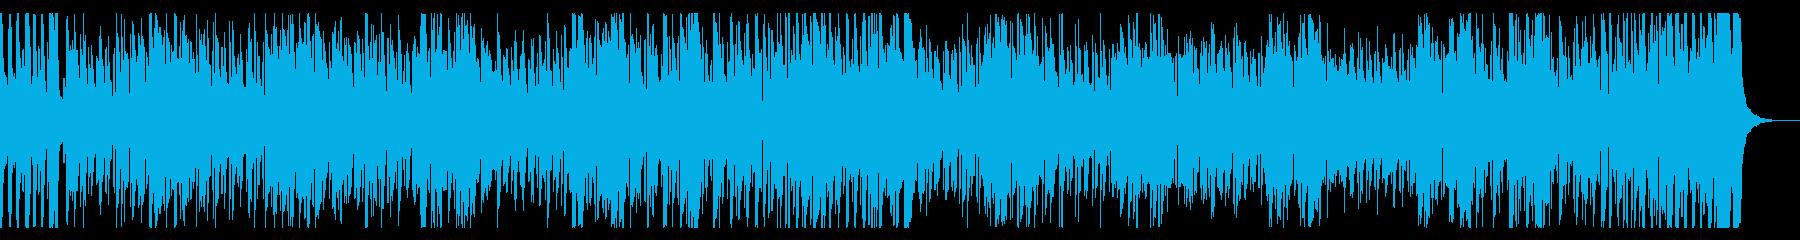 ポップな「鬼のパンツ」インストの再生済みの波形